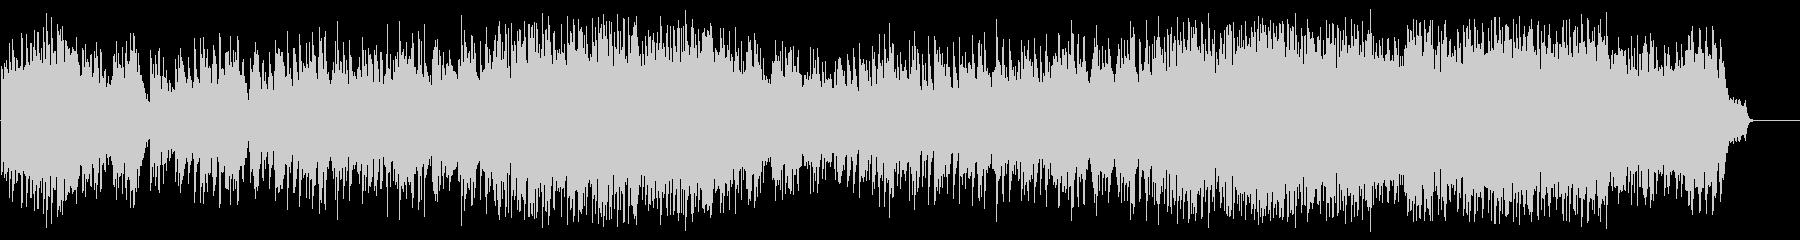 感動のピアノ・バラード(フルサイズ)の未再生の波形